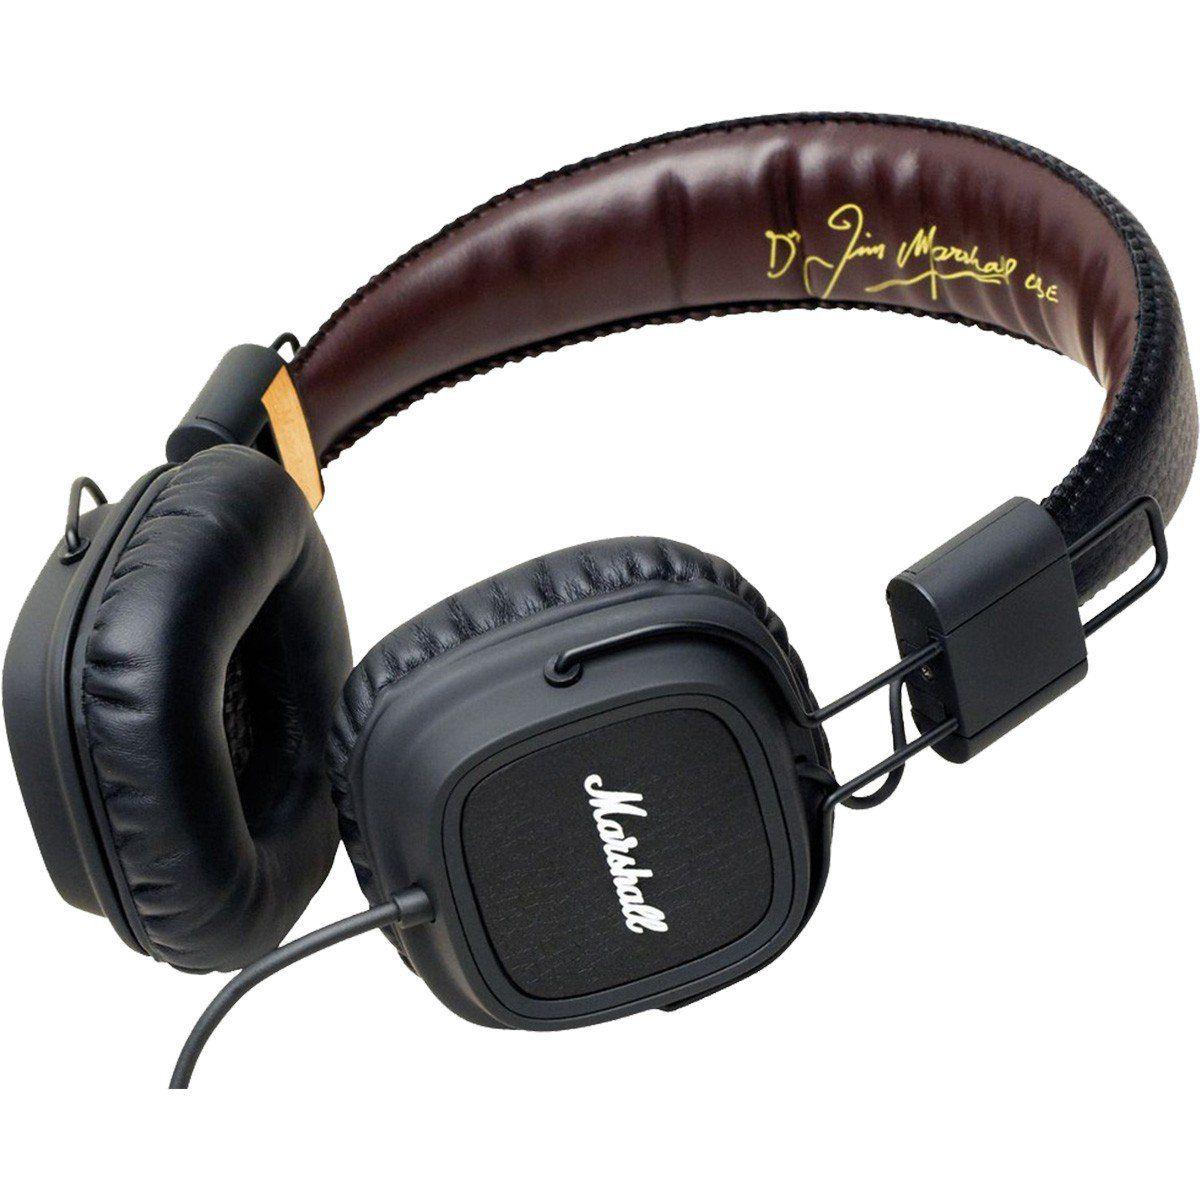 Marshall Major Fx Fone de Ouvido Major-FX para Uso diário com Música e Celular